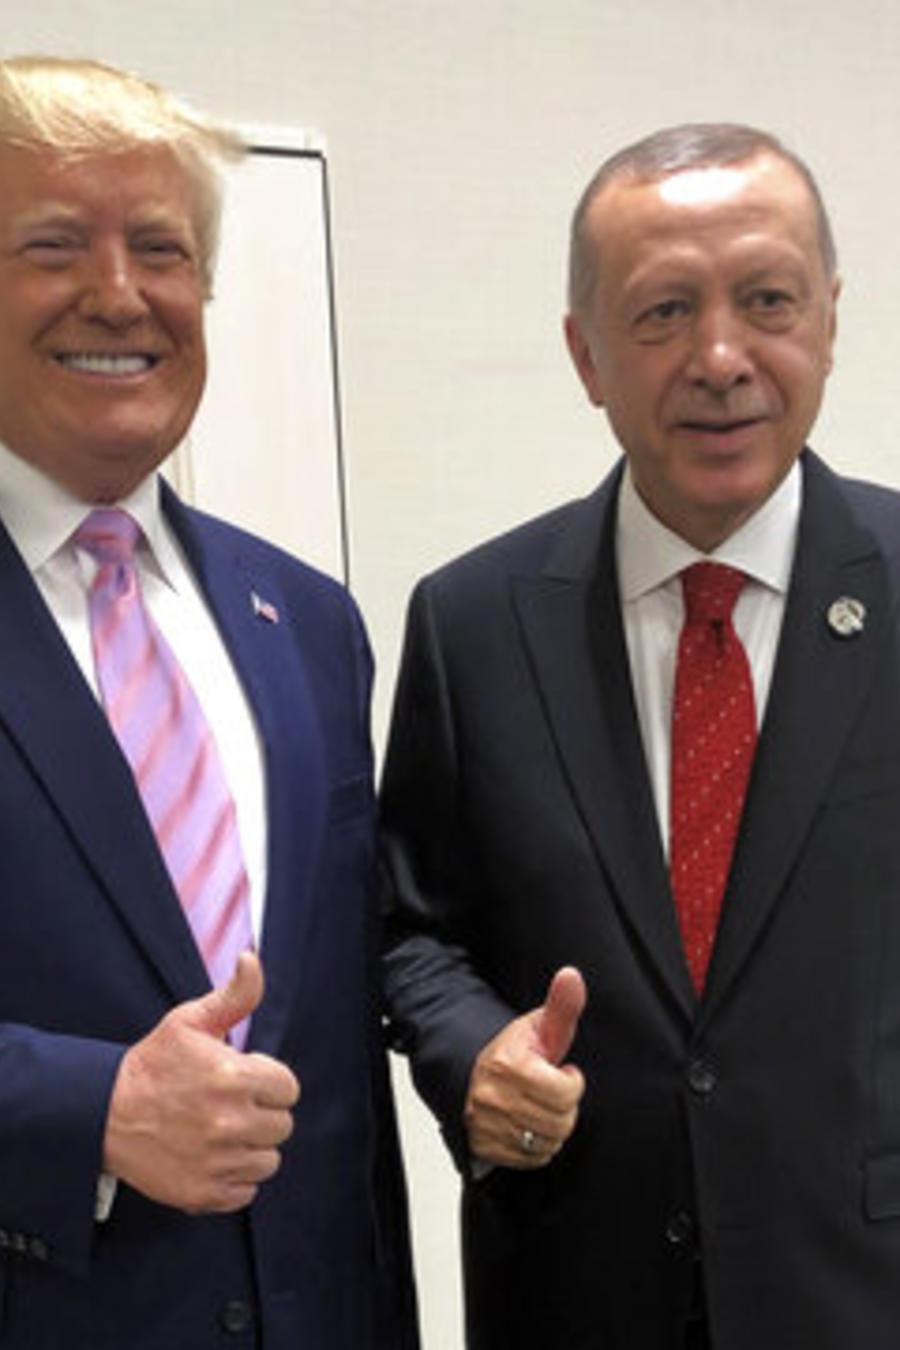 El presidente, Donald Trump, y el mandatario truco, Recep, Tayyip Erdogan, en un encuentro del pasado junio en Osaka, Japón.